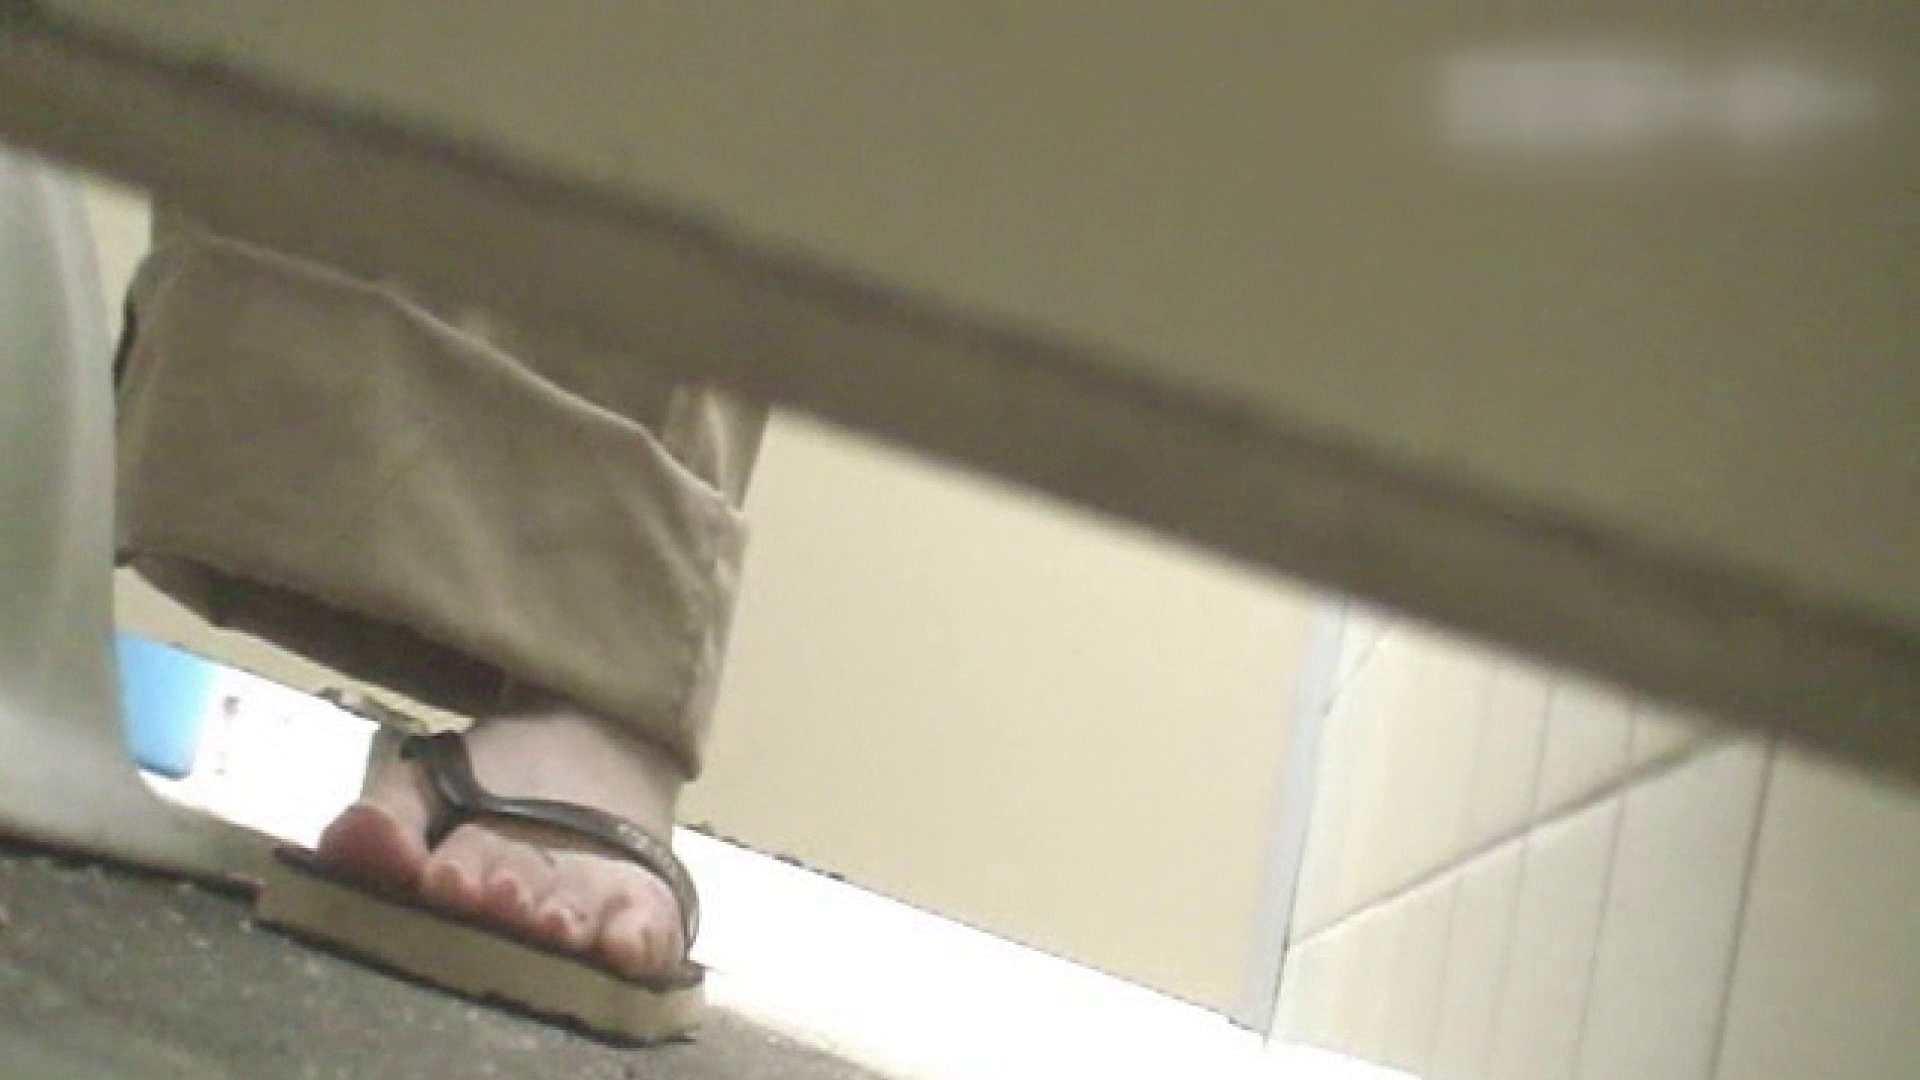 ロックハンドさんの盗撮記録File.08 ガールの盗撮 ぱこり動画紹介 30枚